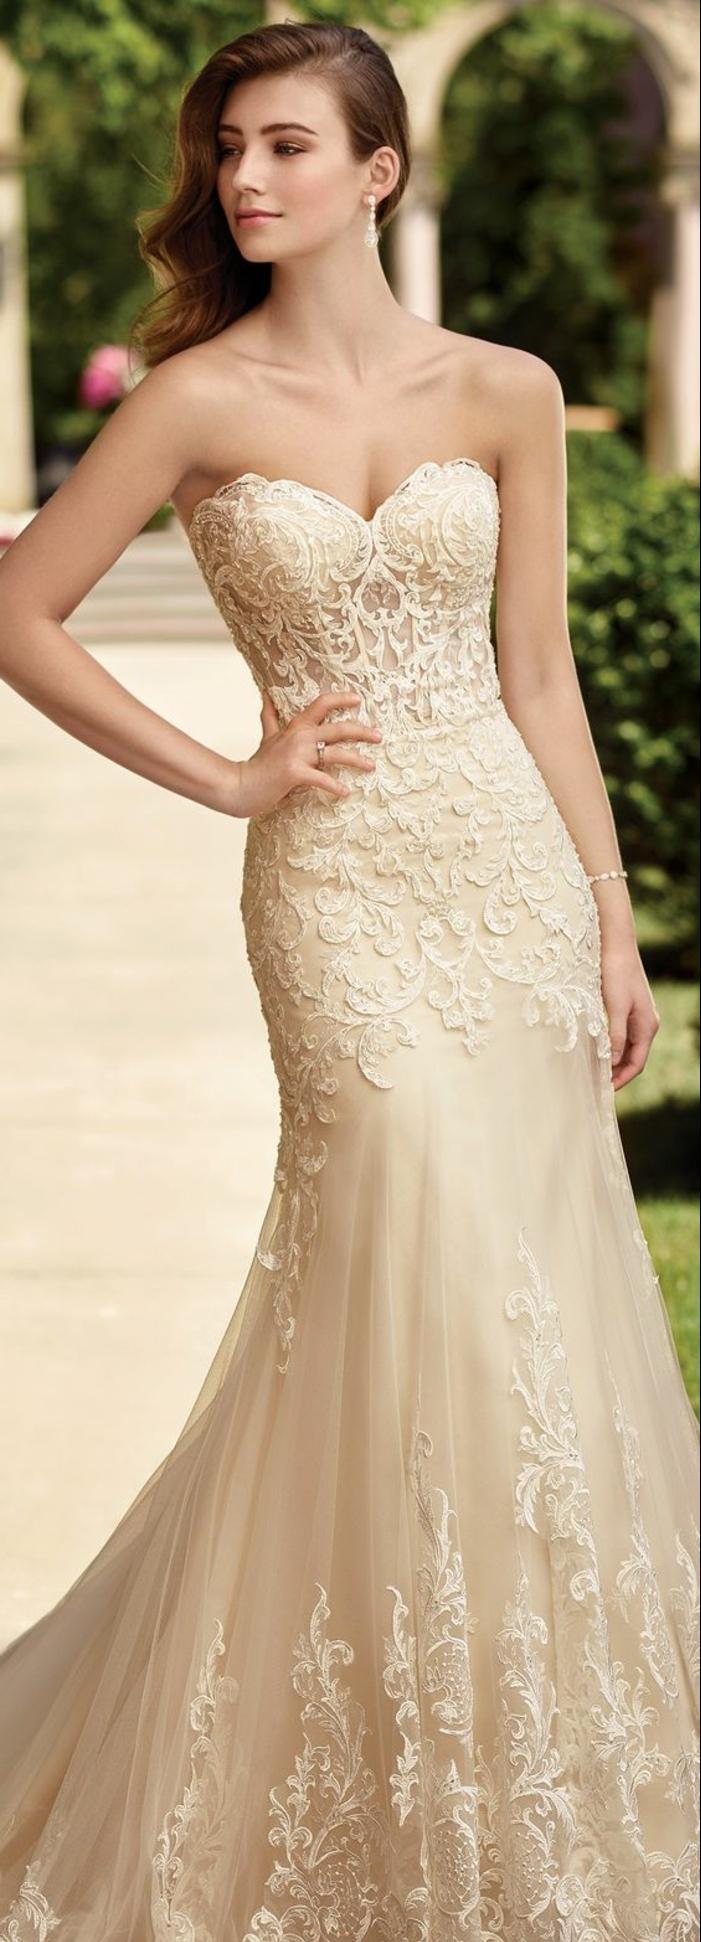 robe de mariée de couleur, robe collant au dos, robe bustier, coiffure asymétrique